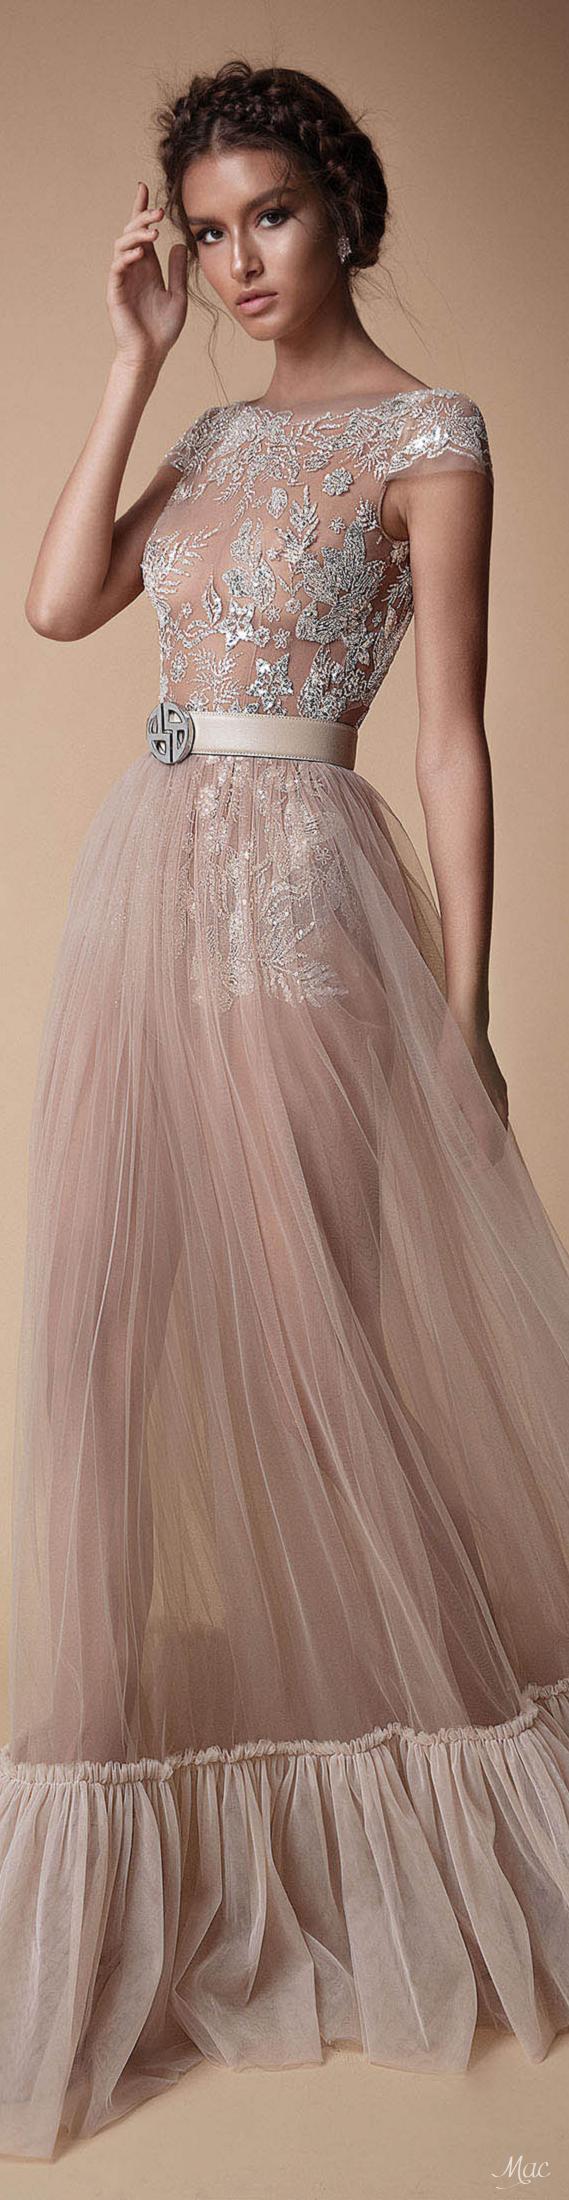 Night dress fashion 2018 fall